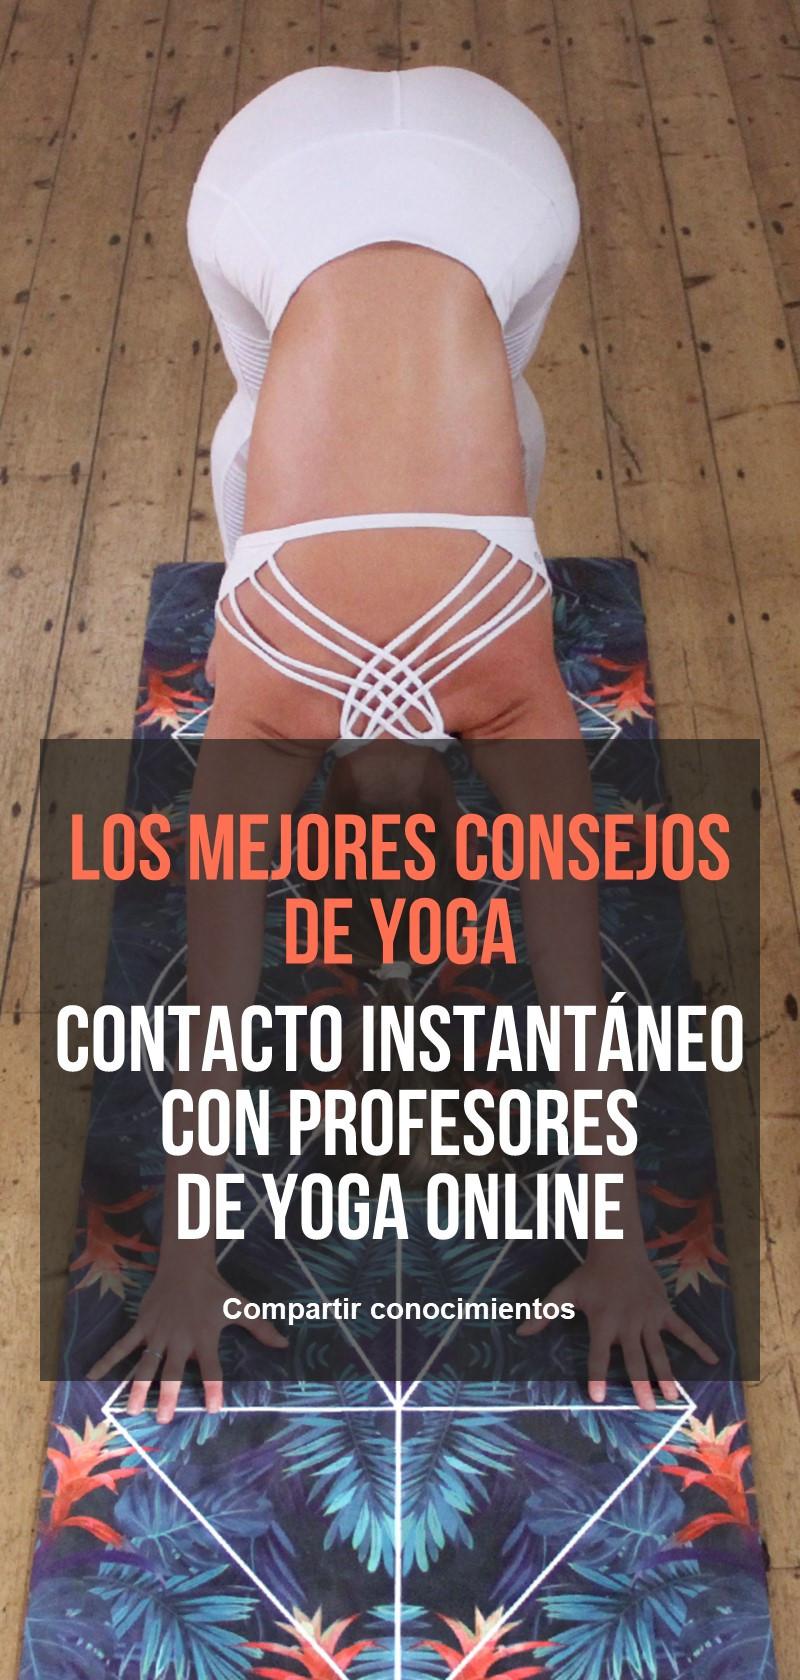 Clases y profesores de Yoga online